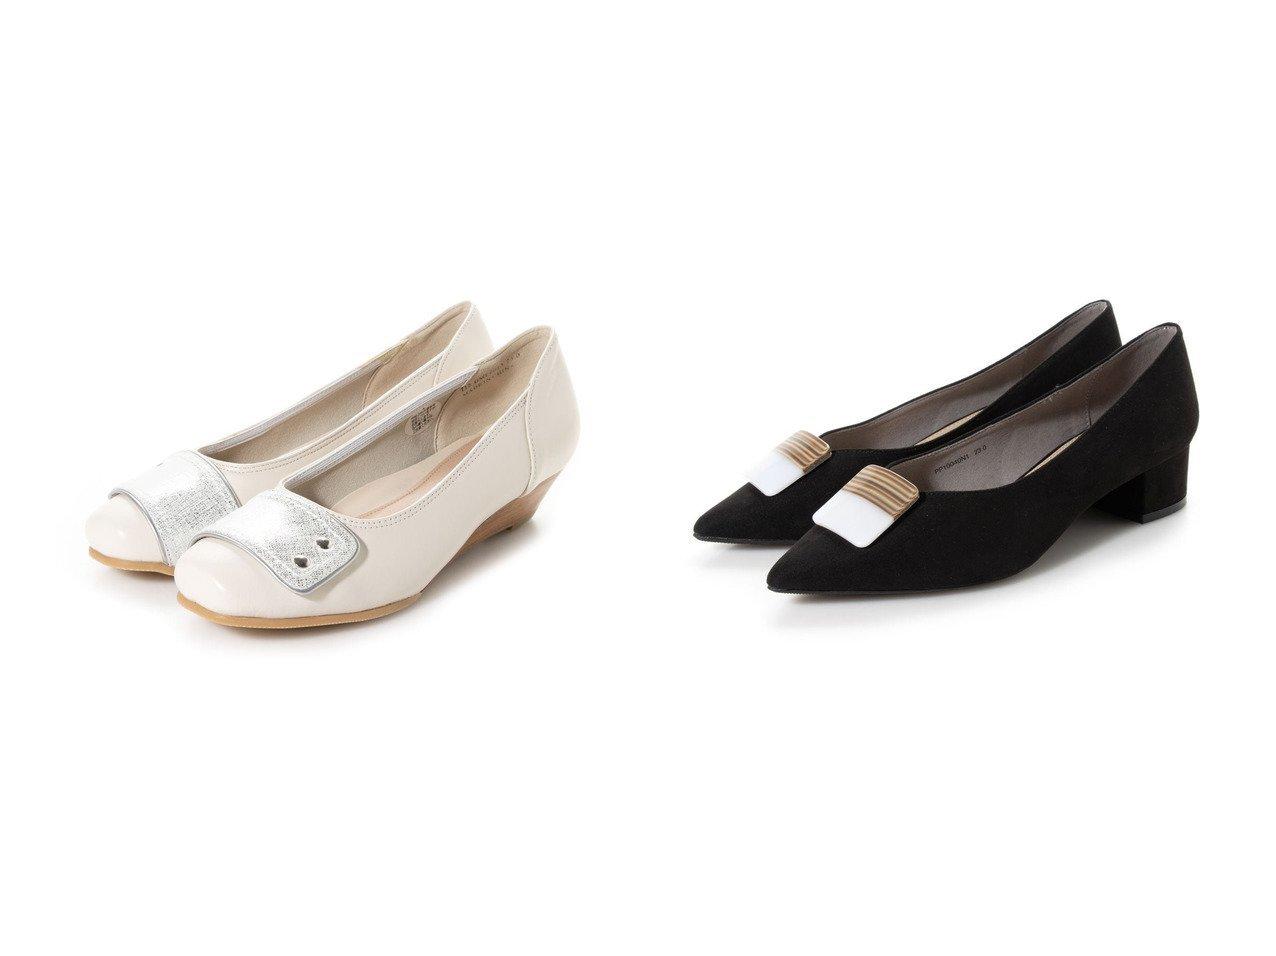 【modello/モデロ】の【撥水加工】 機能面を追加しバージョンアップ! スクエアトゥパンプス DML6013&【RANDA/ランダ】の2WAY ソフト マーブルパーツローヒールパンプス シューズ・靴のおすすめ!人気、トレンド・レディースファッションの通販  おすすめで人気の流行・トレンド、ファッションの通販商品 メンズファッション・キッズファッション・インテリア・家具・レディースファッション・服の通販 founy(ファニー) https://founy.com/ ファッション Fashion レディースファッション WOMEN 2020年 2020 2020 春夏 S/S SS Spring/Summer 2020 S/S 春夏 SS Spring/Summer シンプル 人気 定番 Standard 春 Spring  ID:crp329100000015630